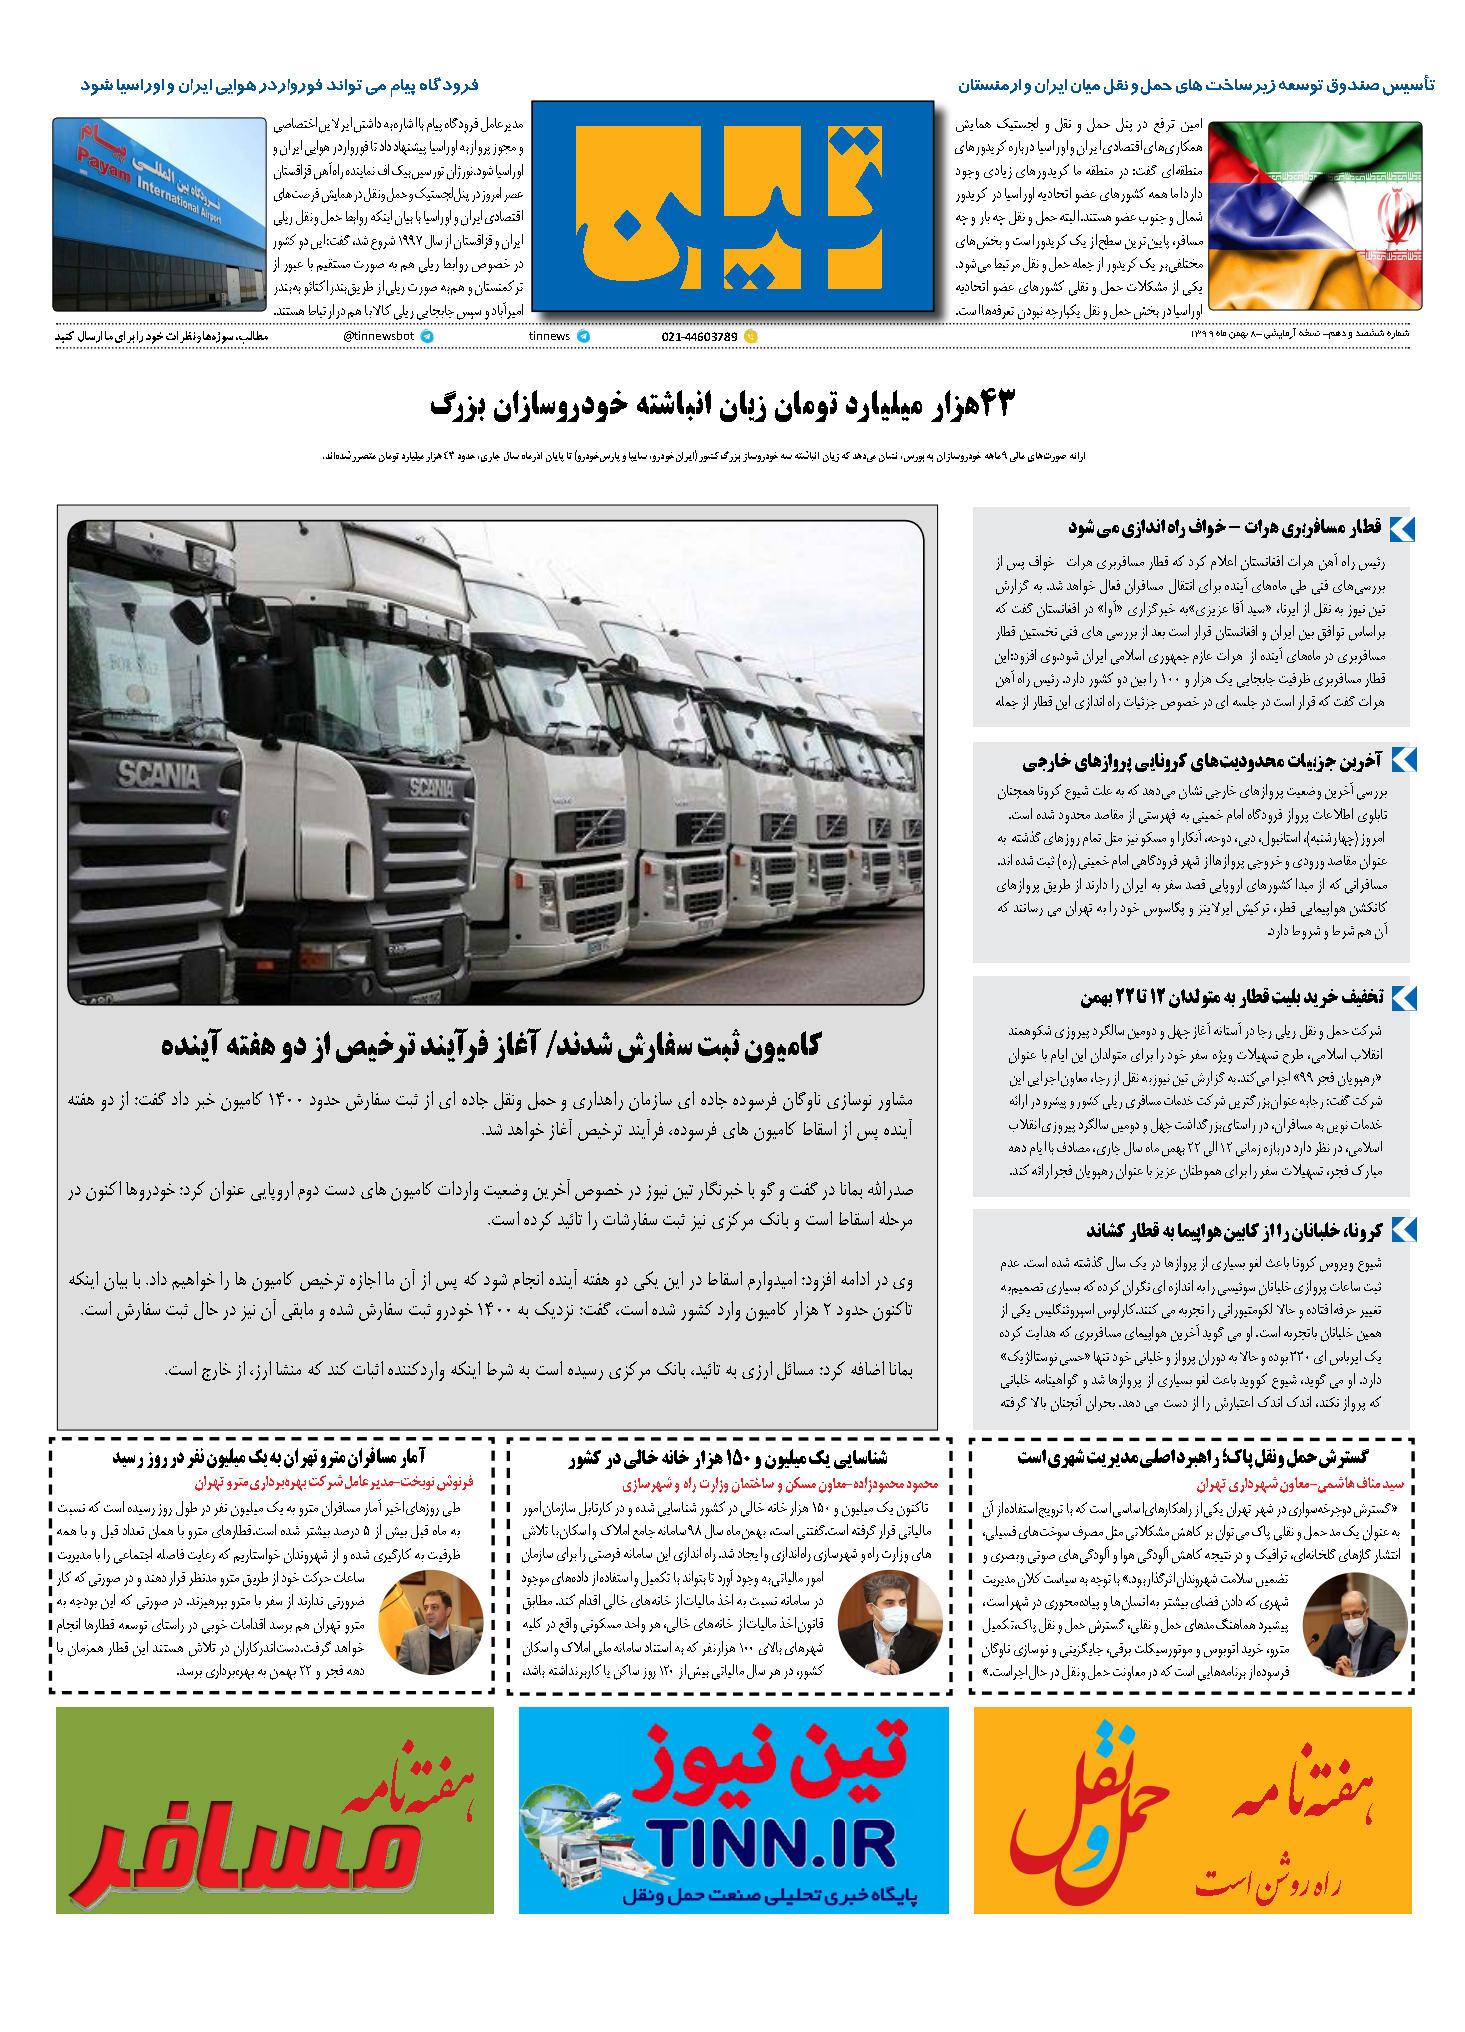 روزنامه الکترونیک 8 بهمن ماه 99